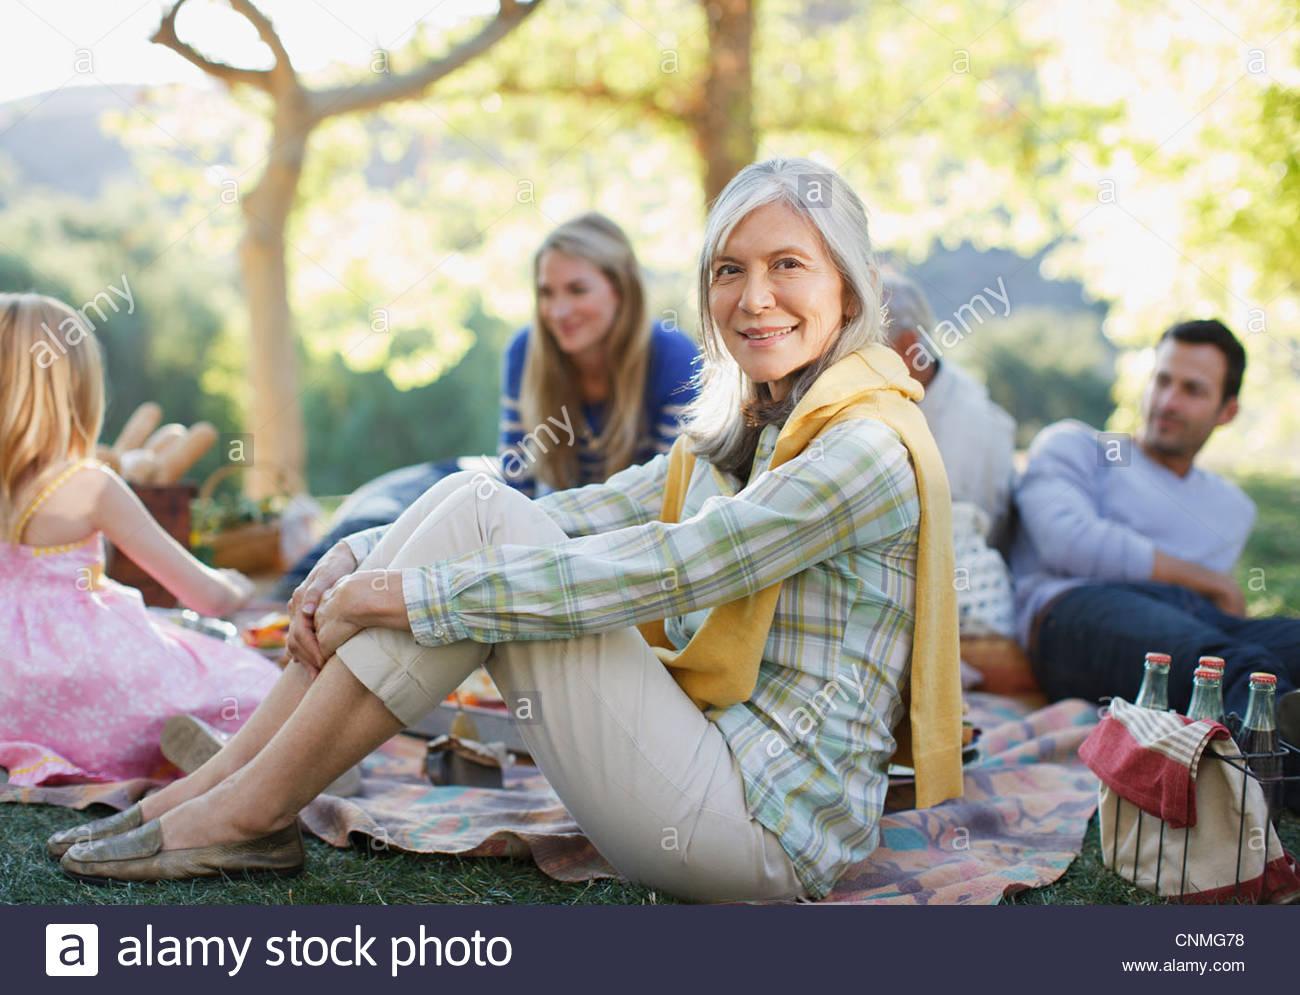 Famiglia pic-nic insieme all'aperto Immagini Stock